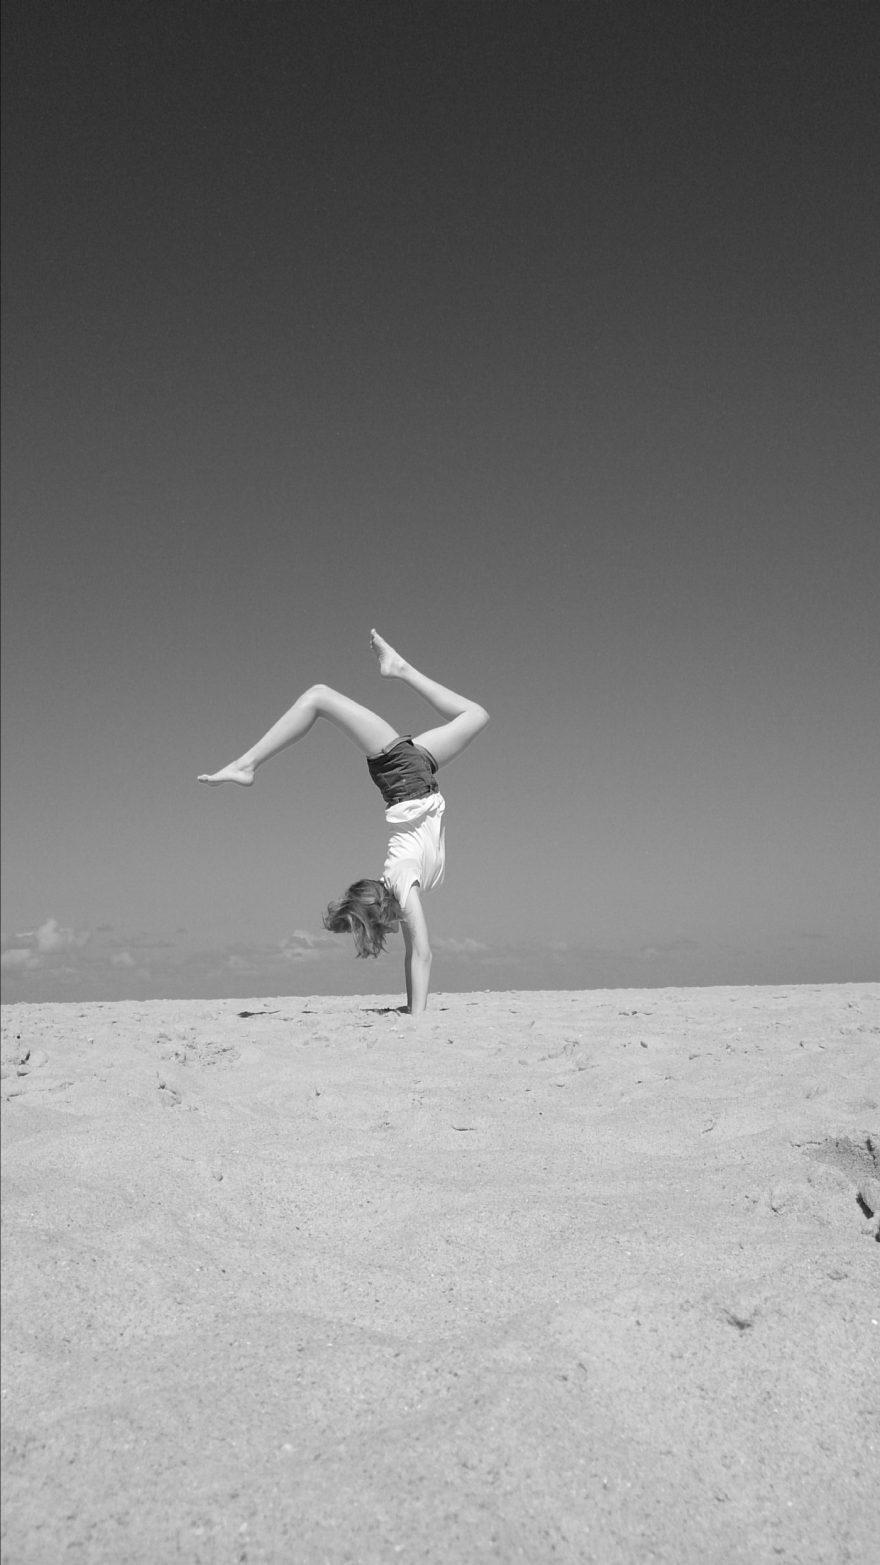 handstand on sandy beach